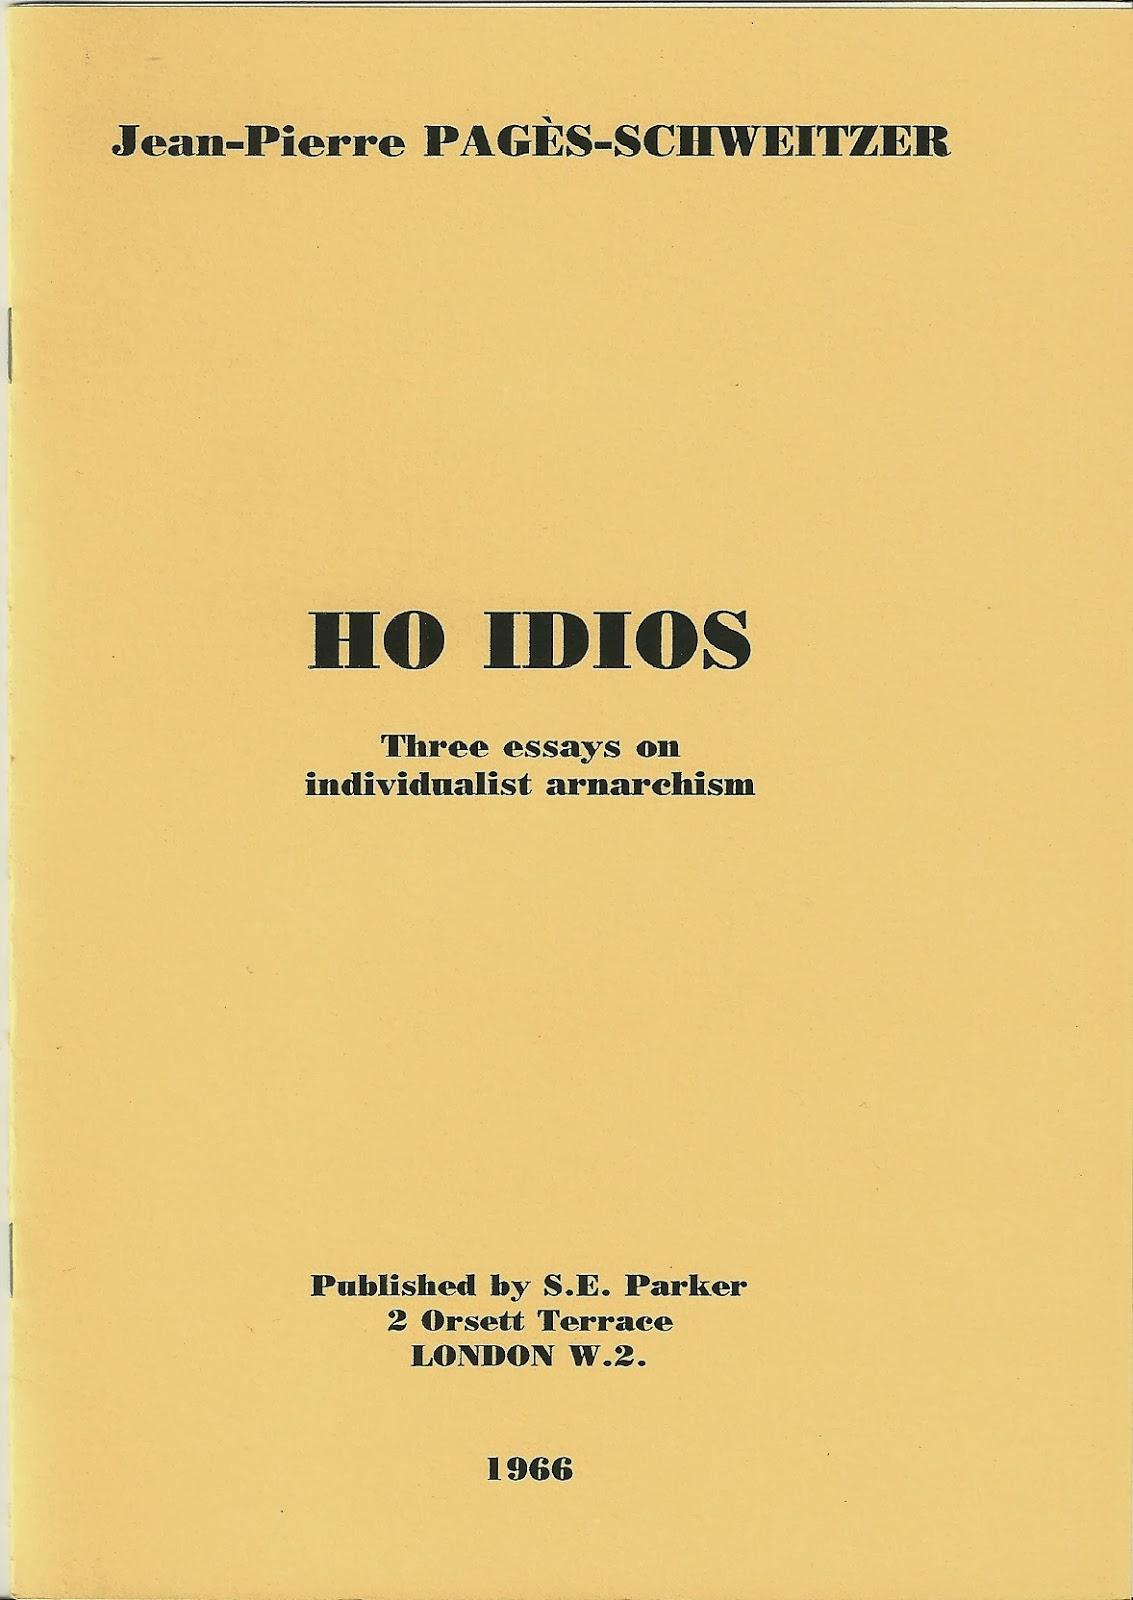 Sample Persuasive Essay on Individualism